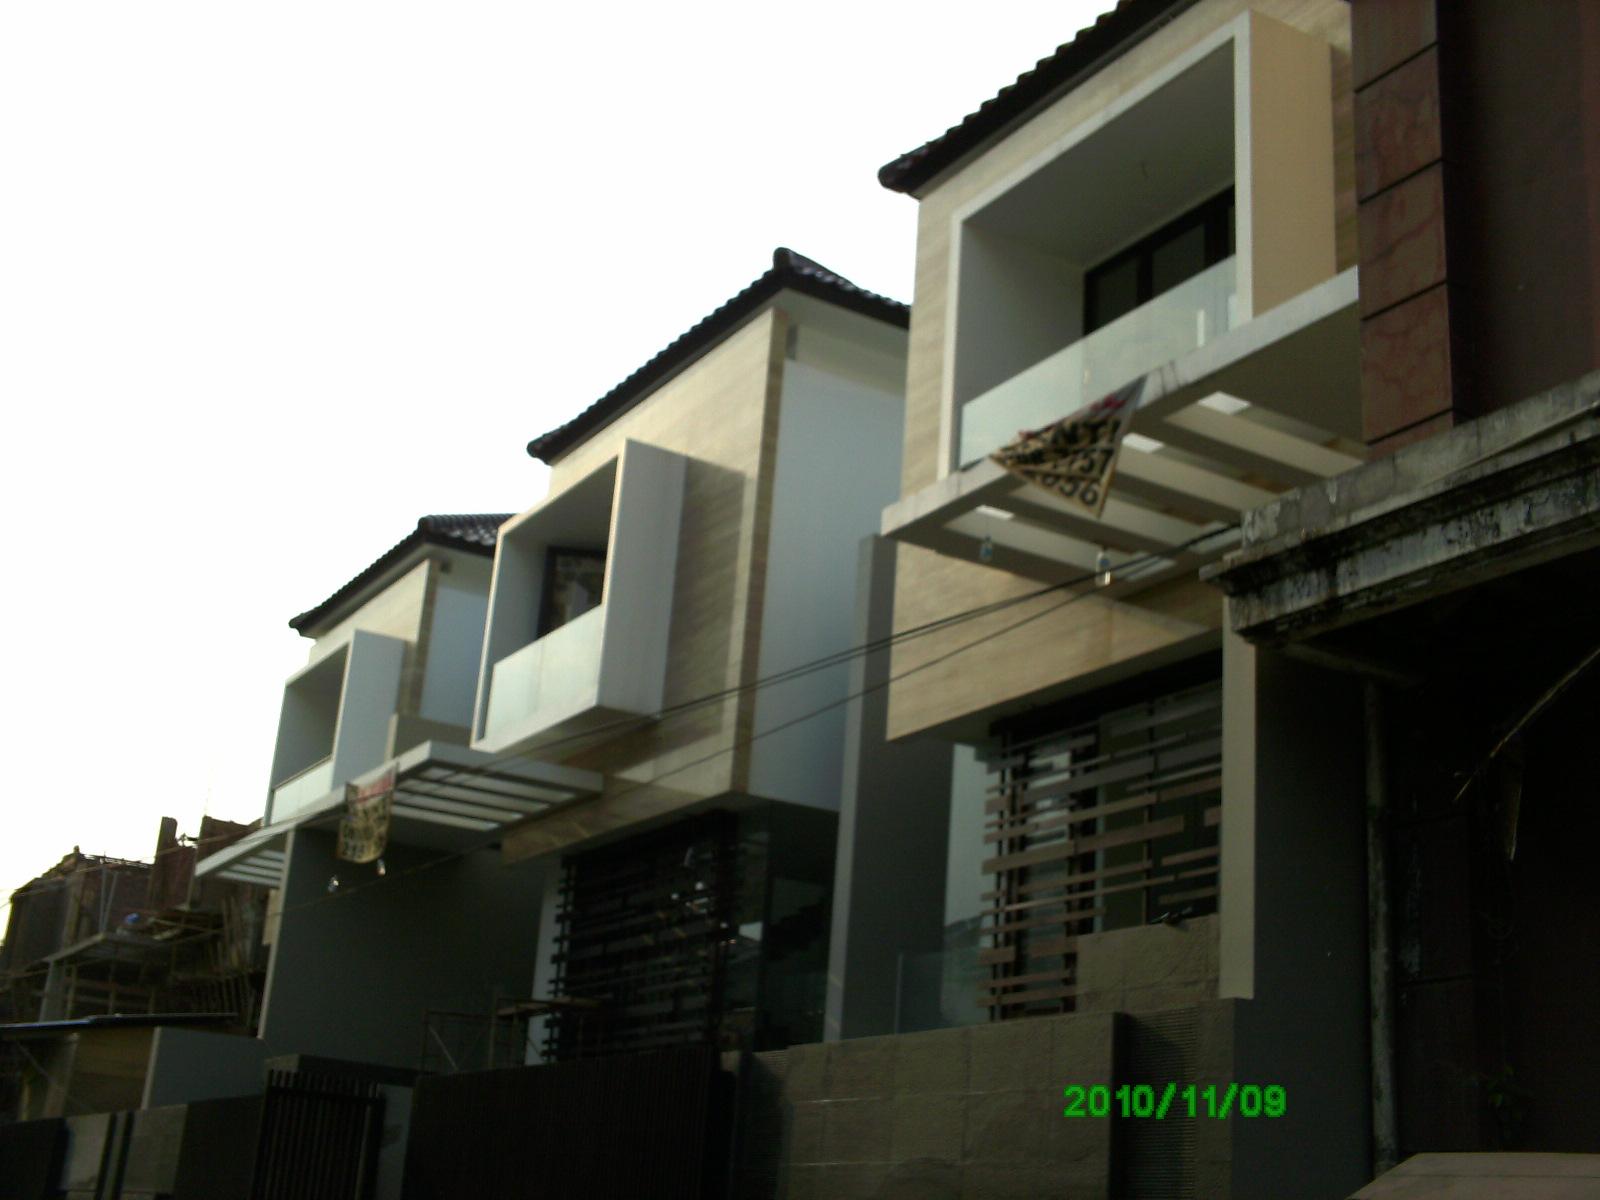 Margaguna - 2010